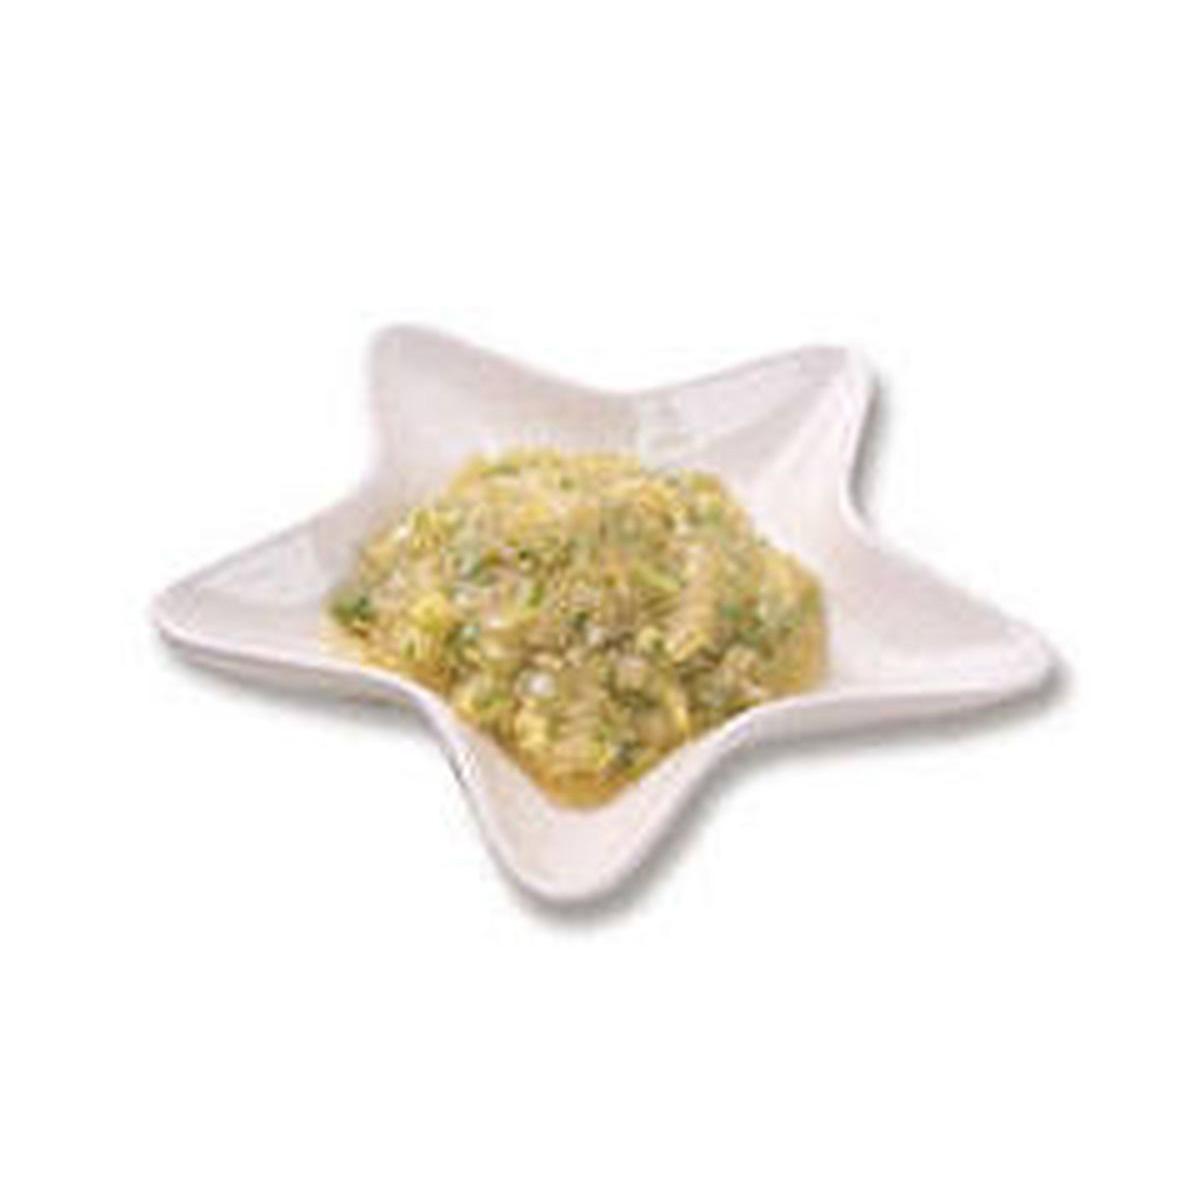 食譜:蔥薑蒜綜合泥醬